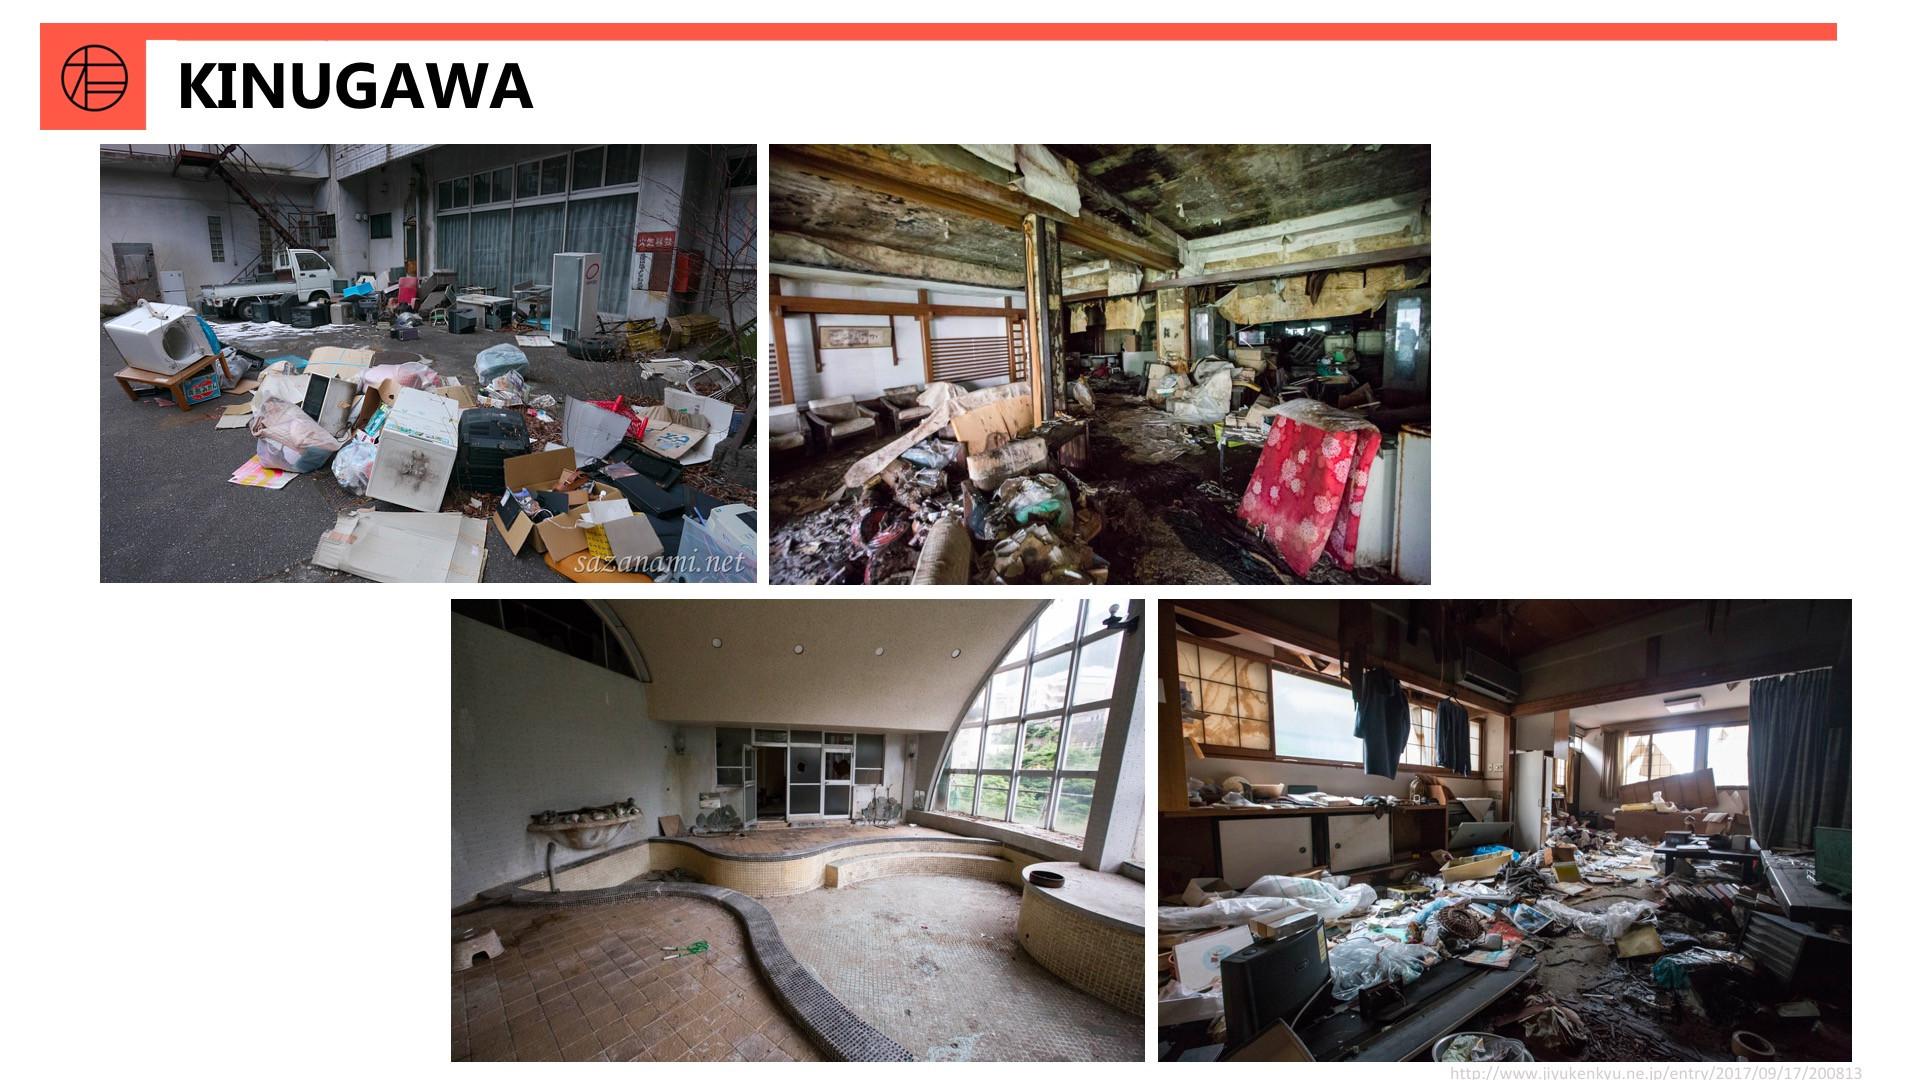 Ghost Town: Kinugawa, Japan